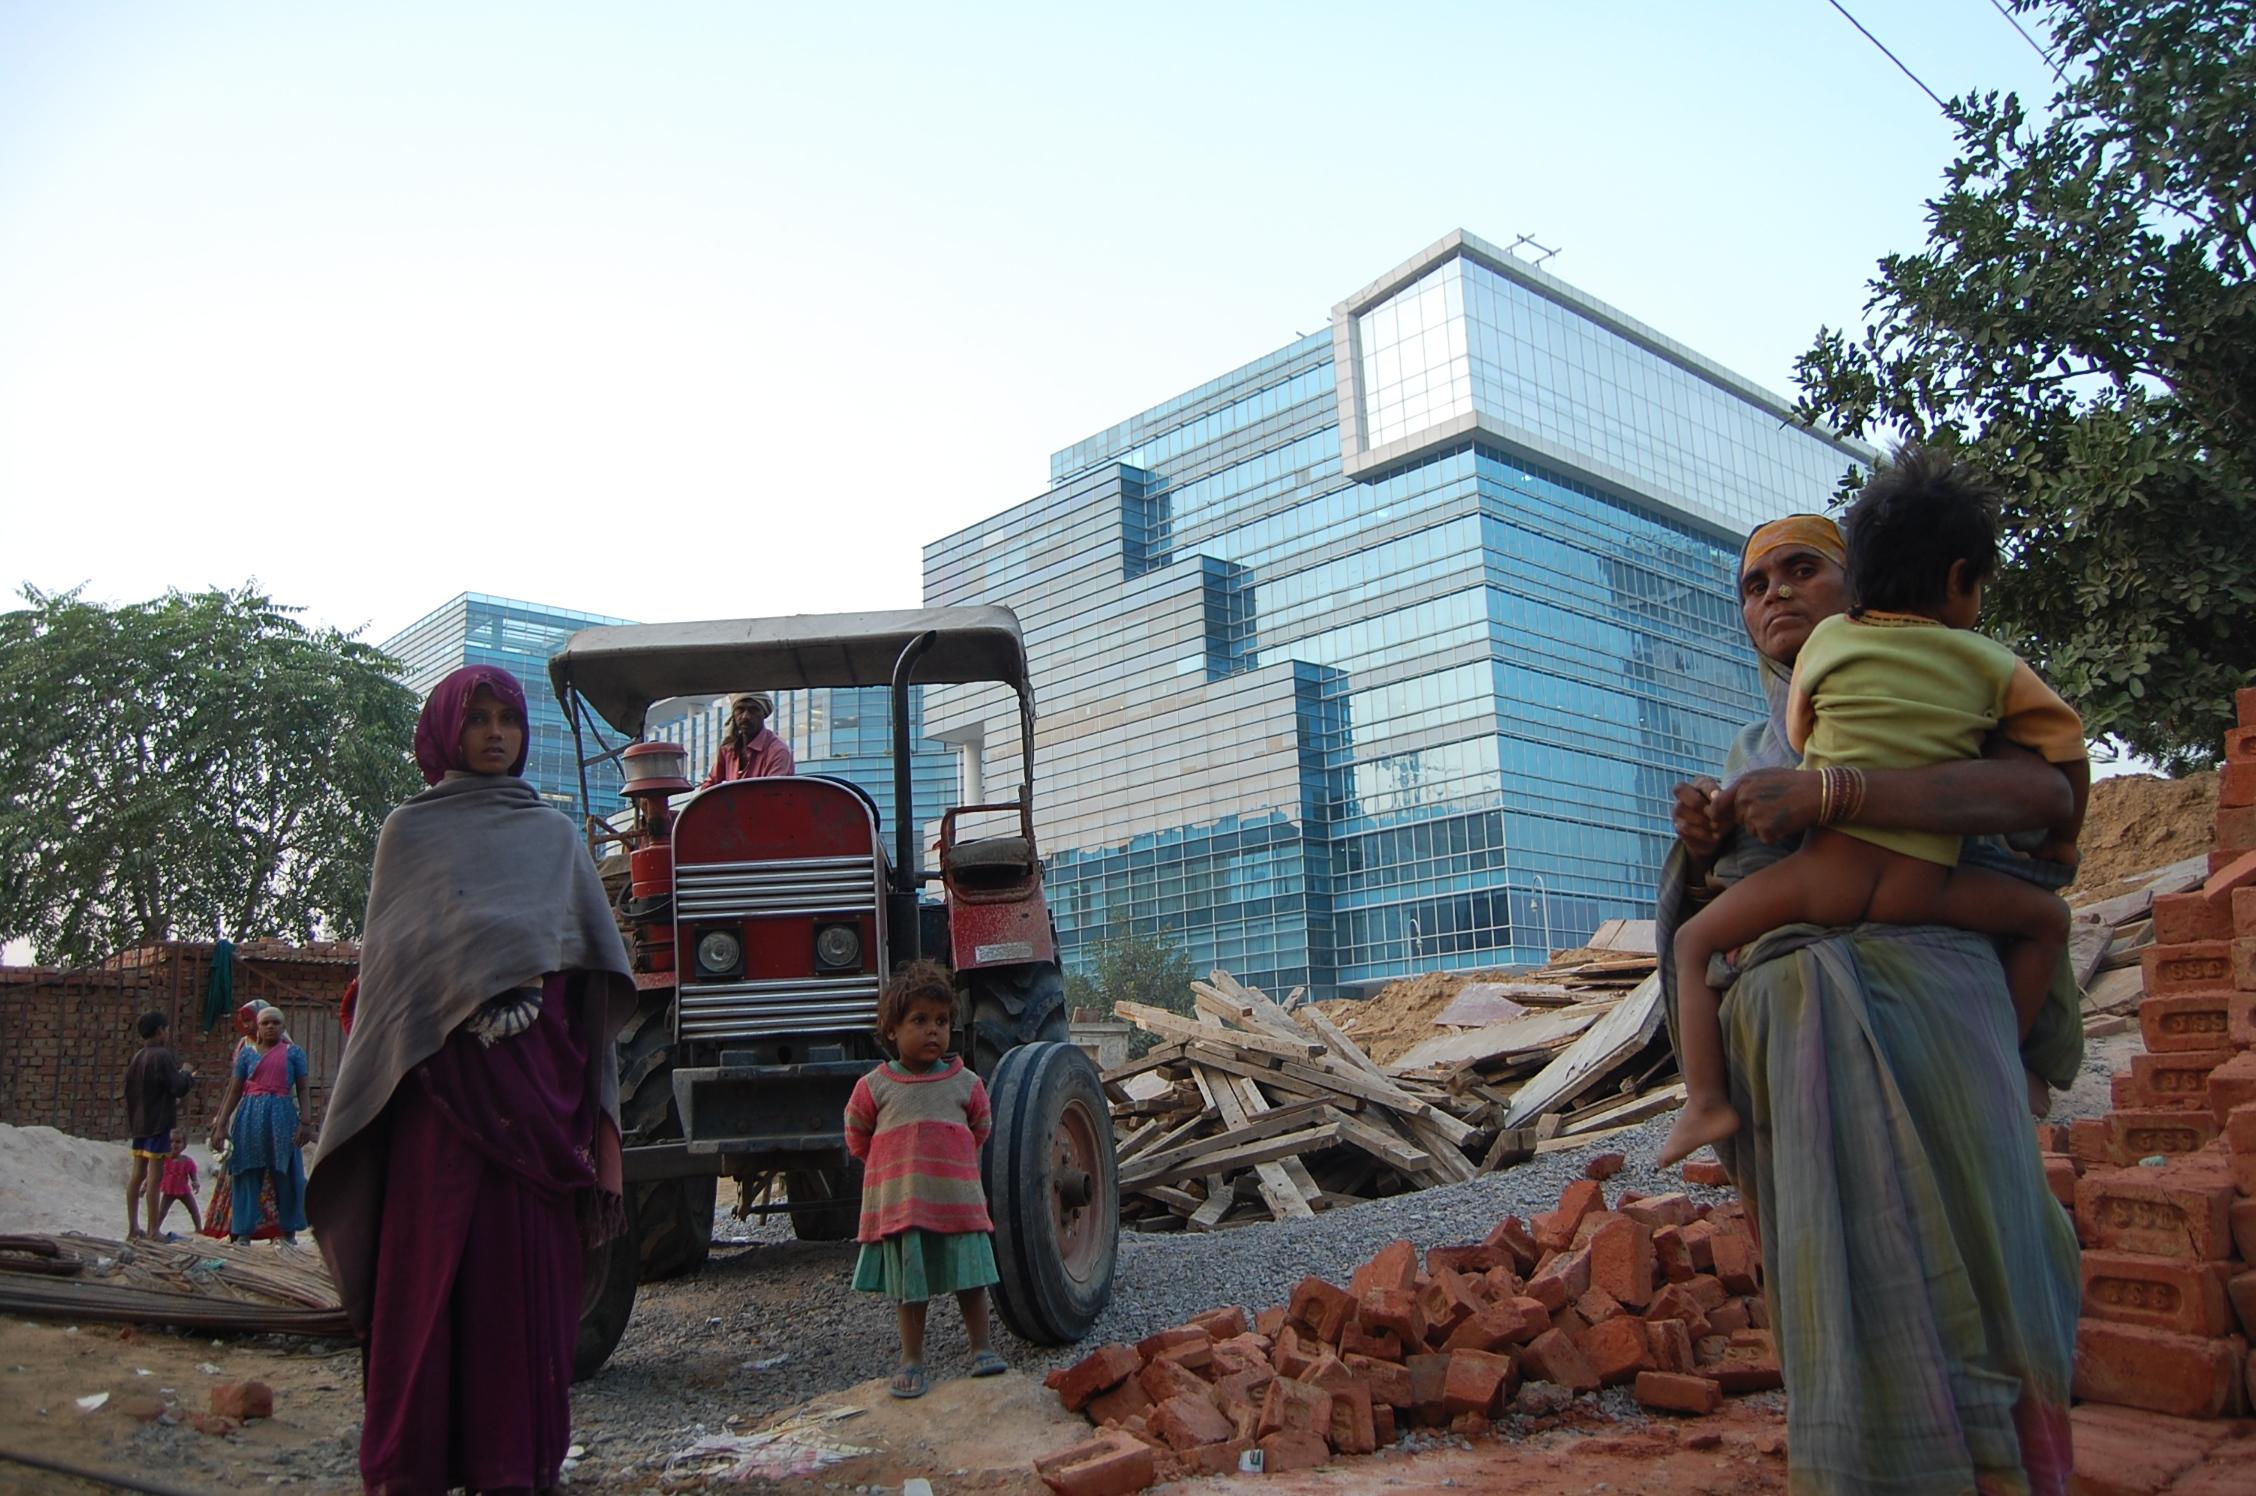 Gurgaon: Manhattan z przypadku. globalna metropolia powstała na pustyni w dekadę